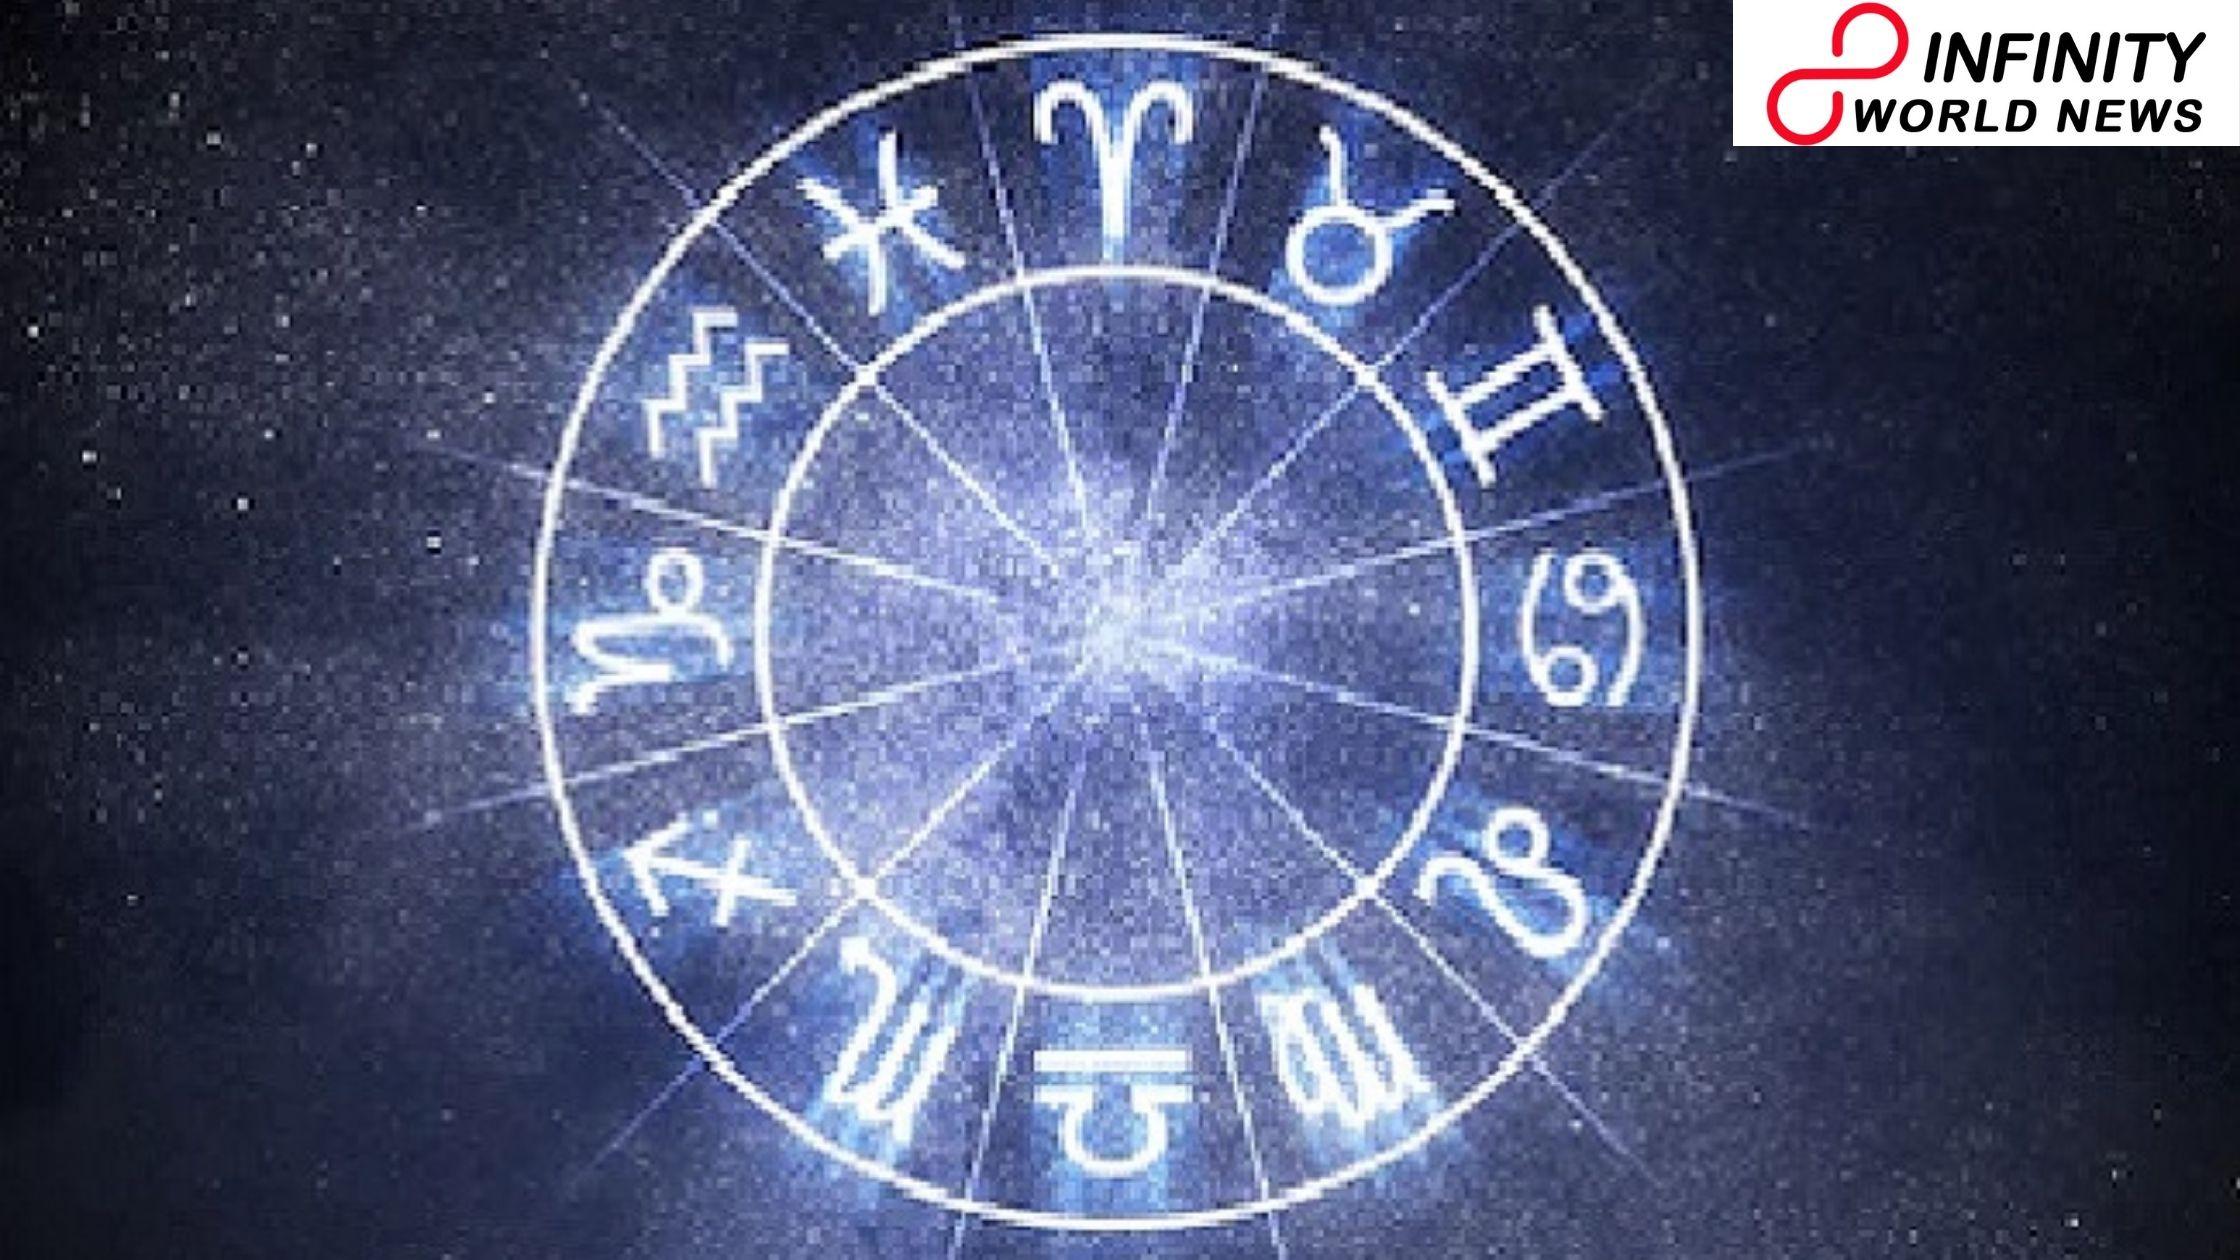 Today Horoscope 07-01-21 | Daily Horoscope